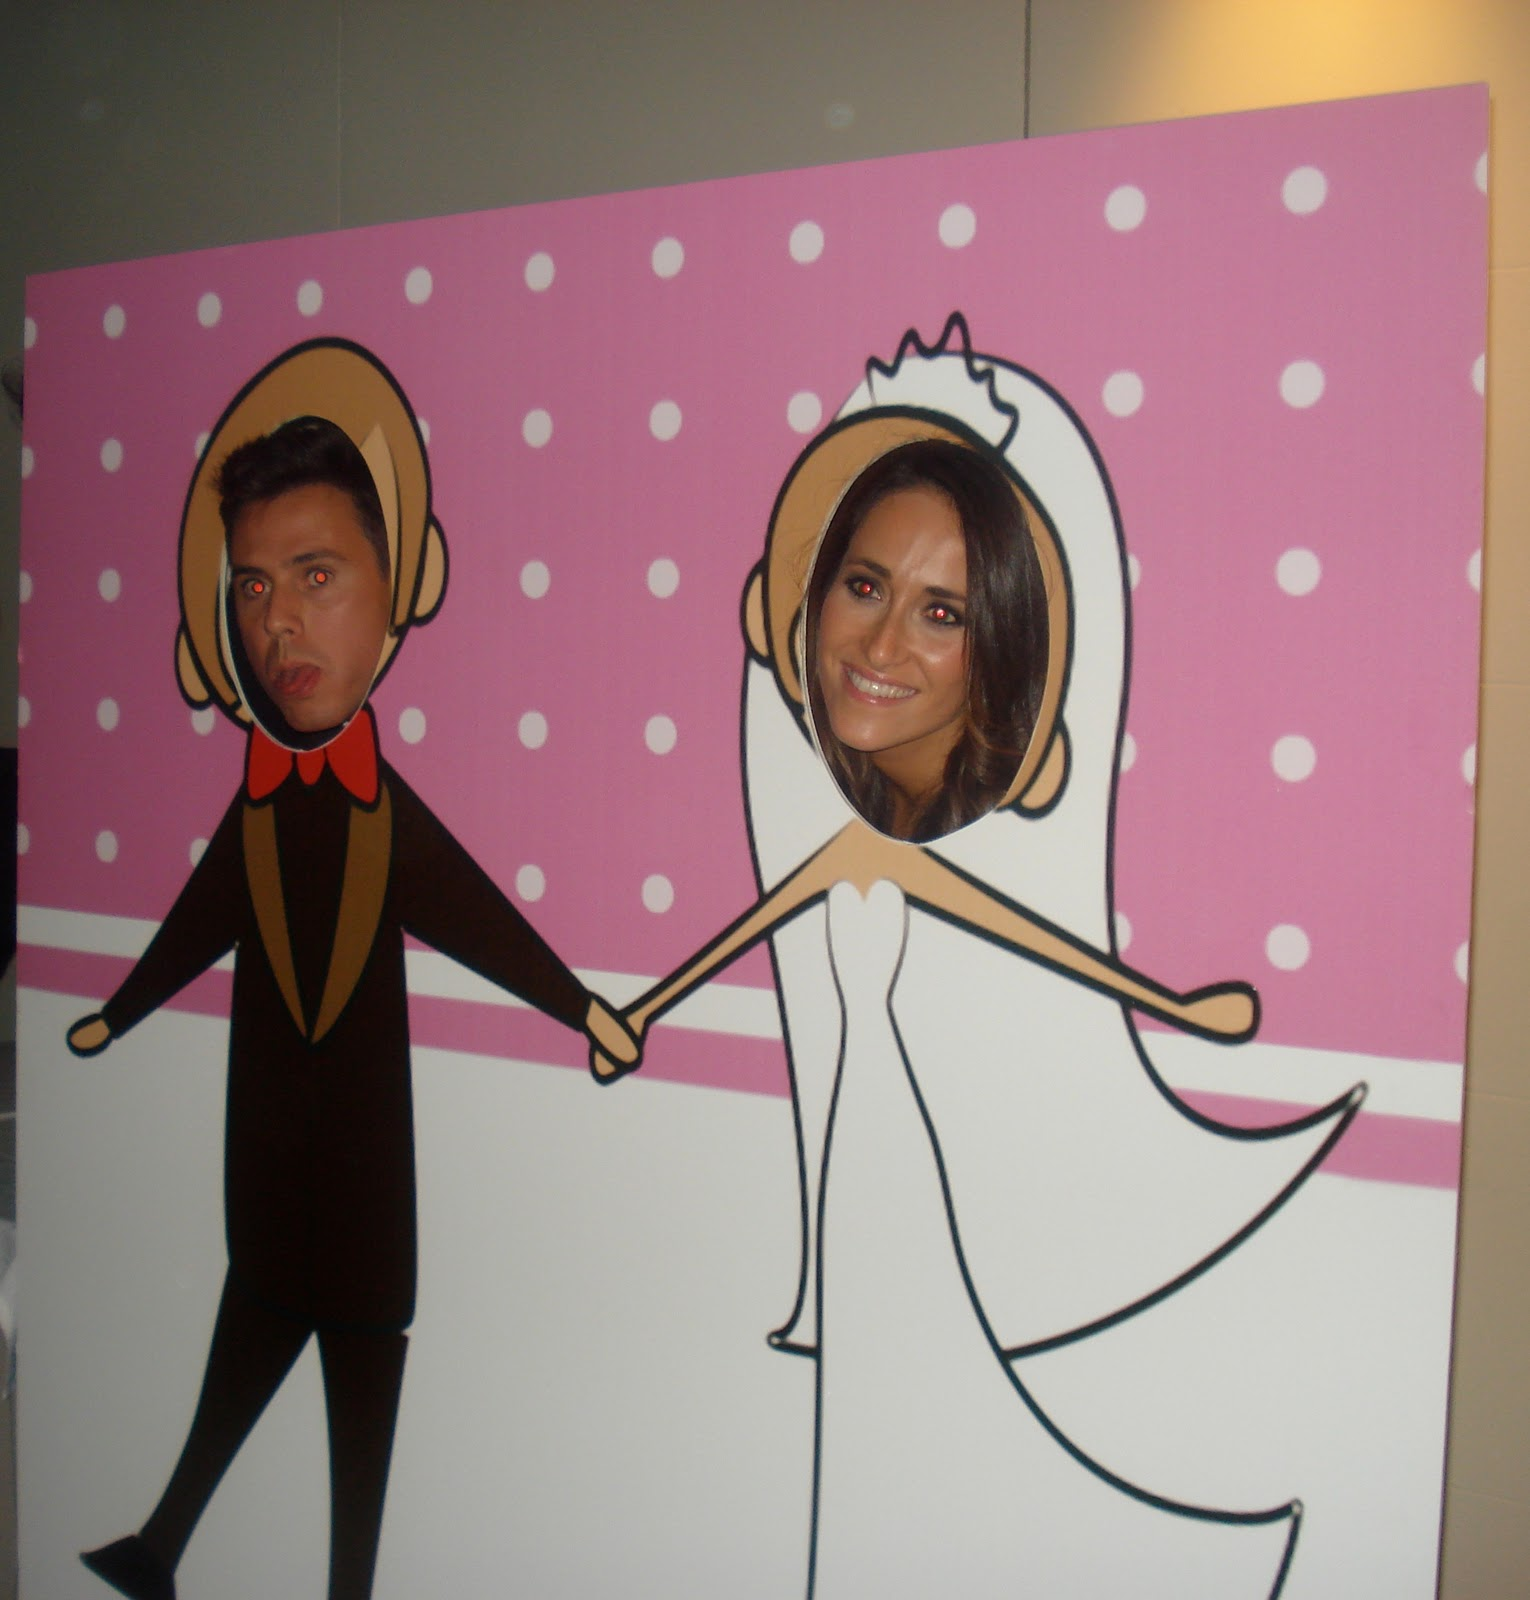 Chicweddings organizaci n integral de bodas photocall - Fotocol de bodas ...